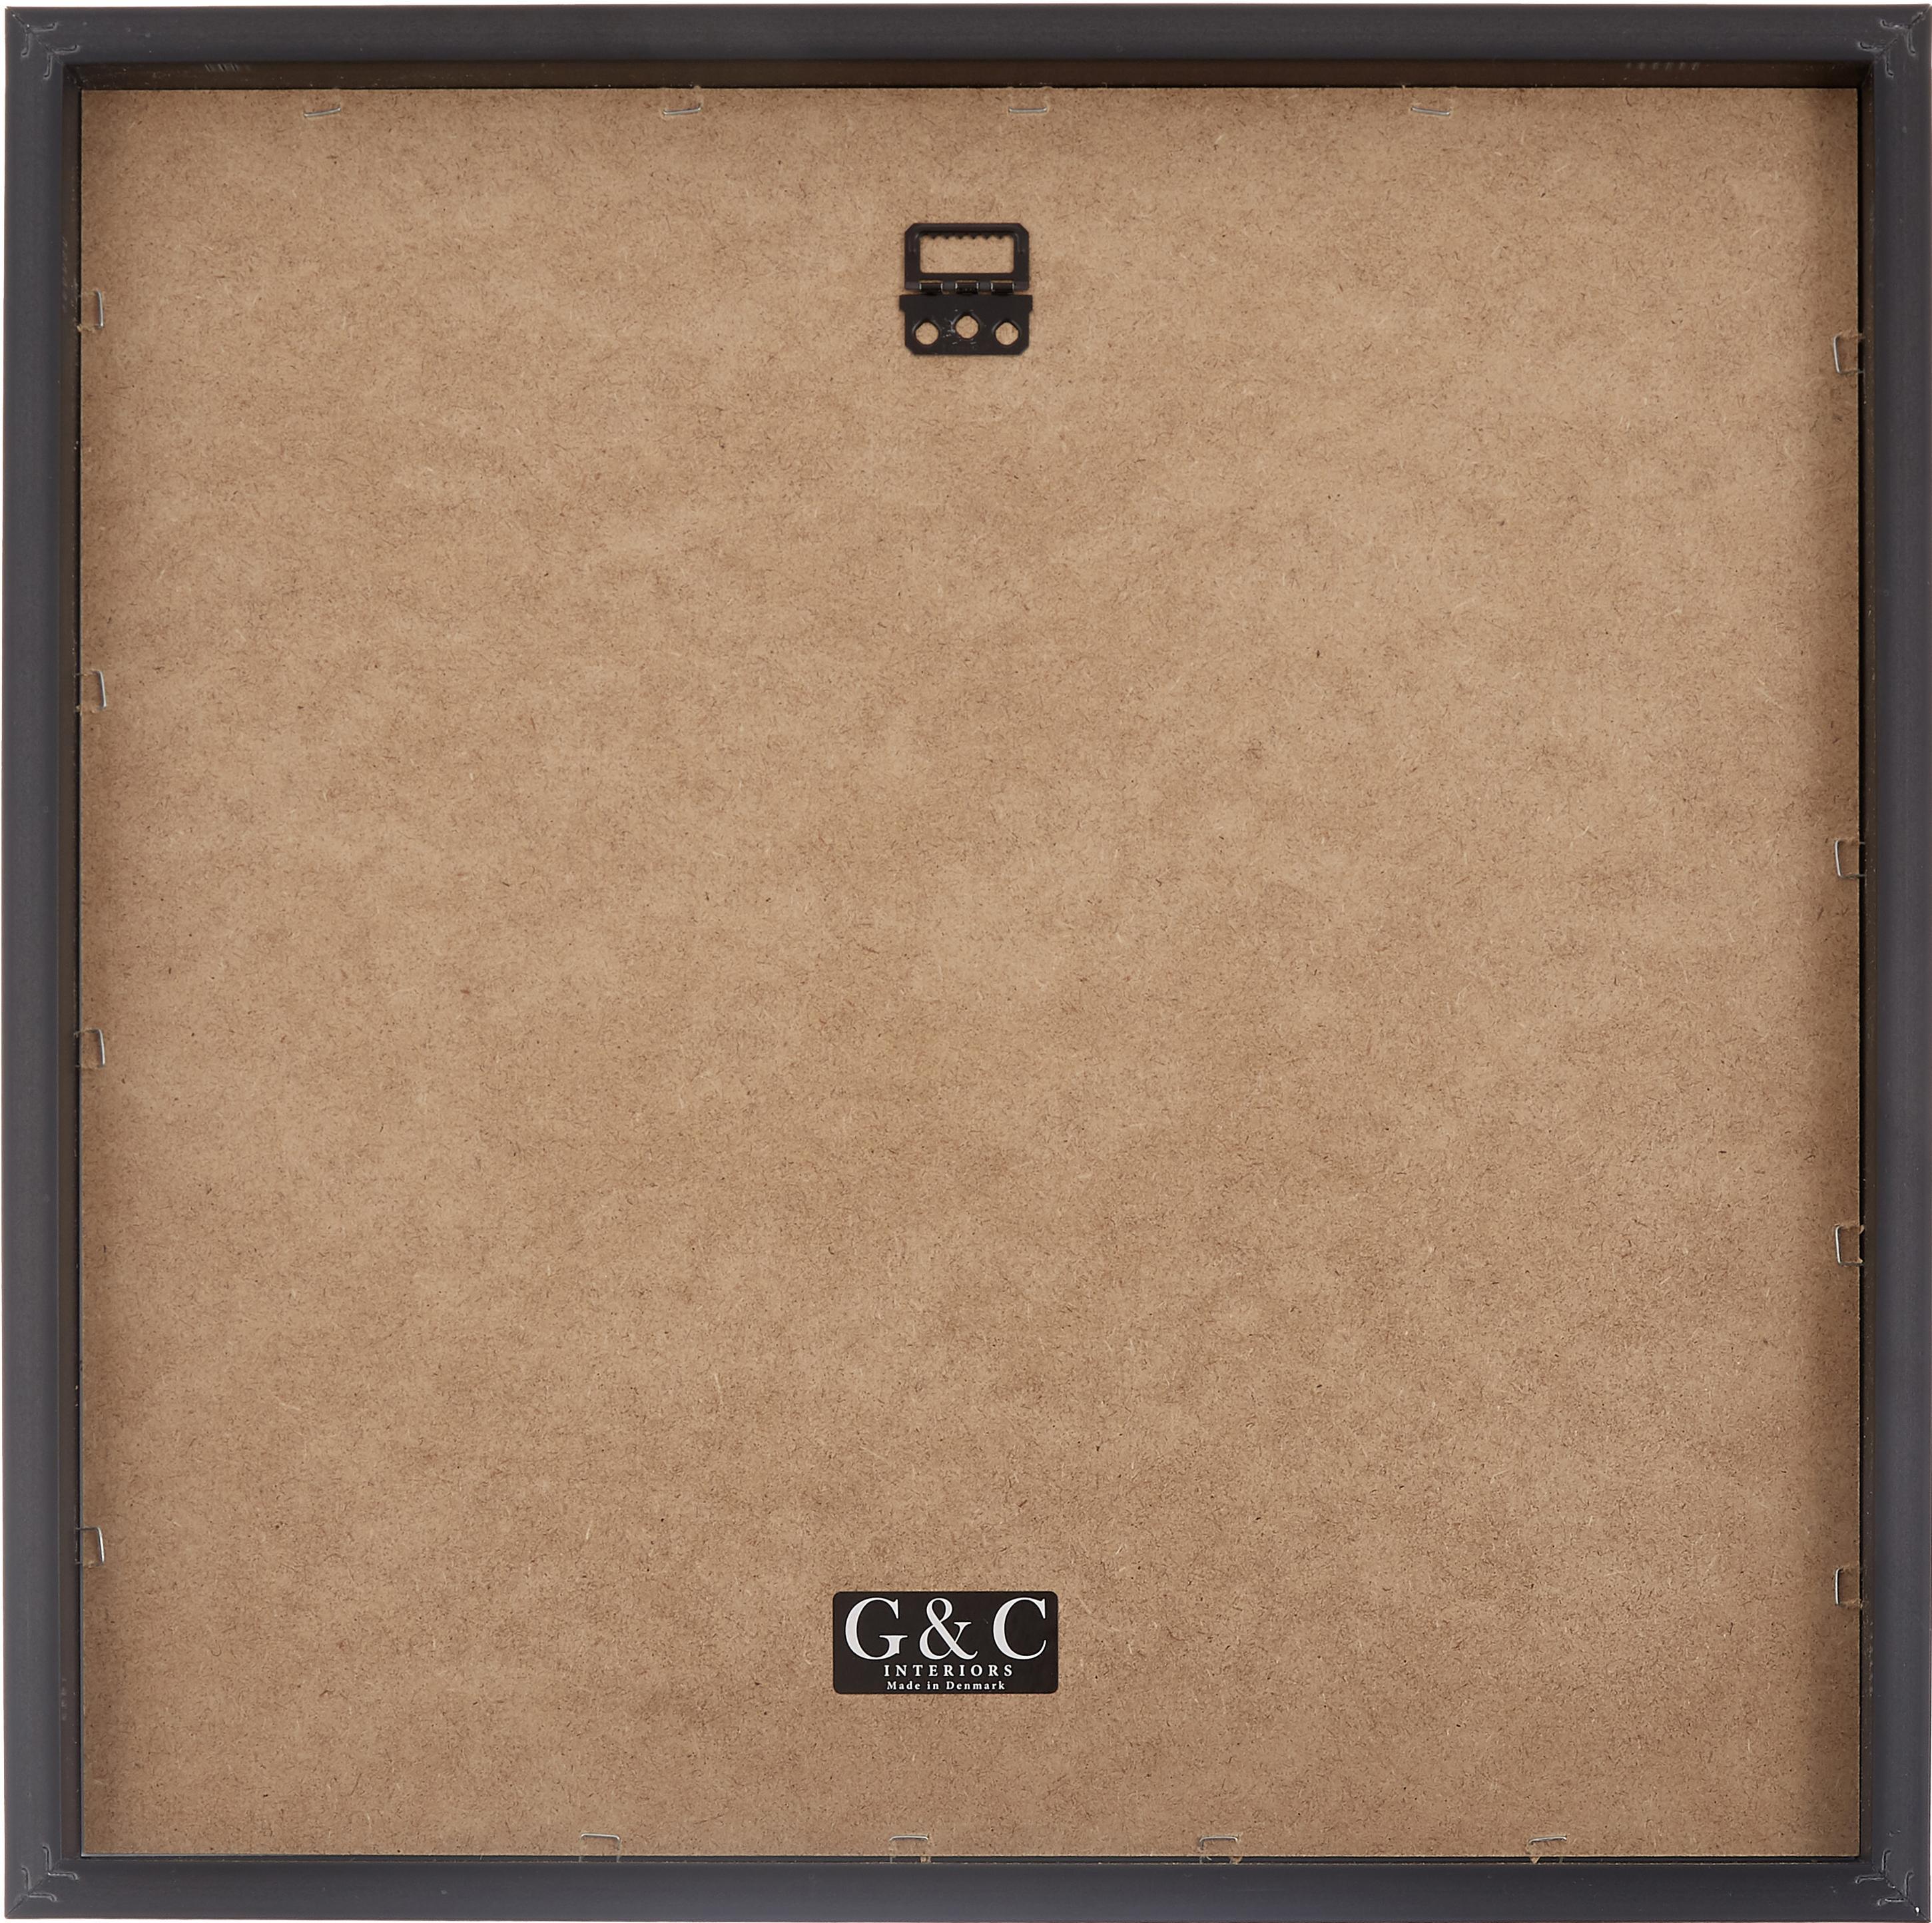 Gerahmter Digitaldruck Moh.Ali, Bild: Digitaldruck, Rahmen: Kunststoff, Front: Glas, Bild: Schwarz, Weiß<br>Rahmen: Schwarz, 40 x 40 cm